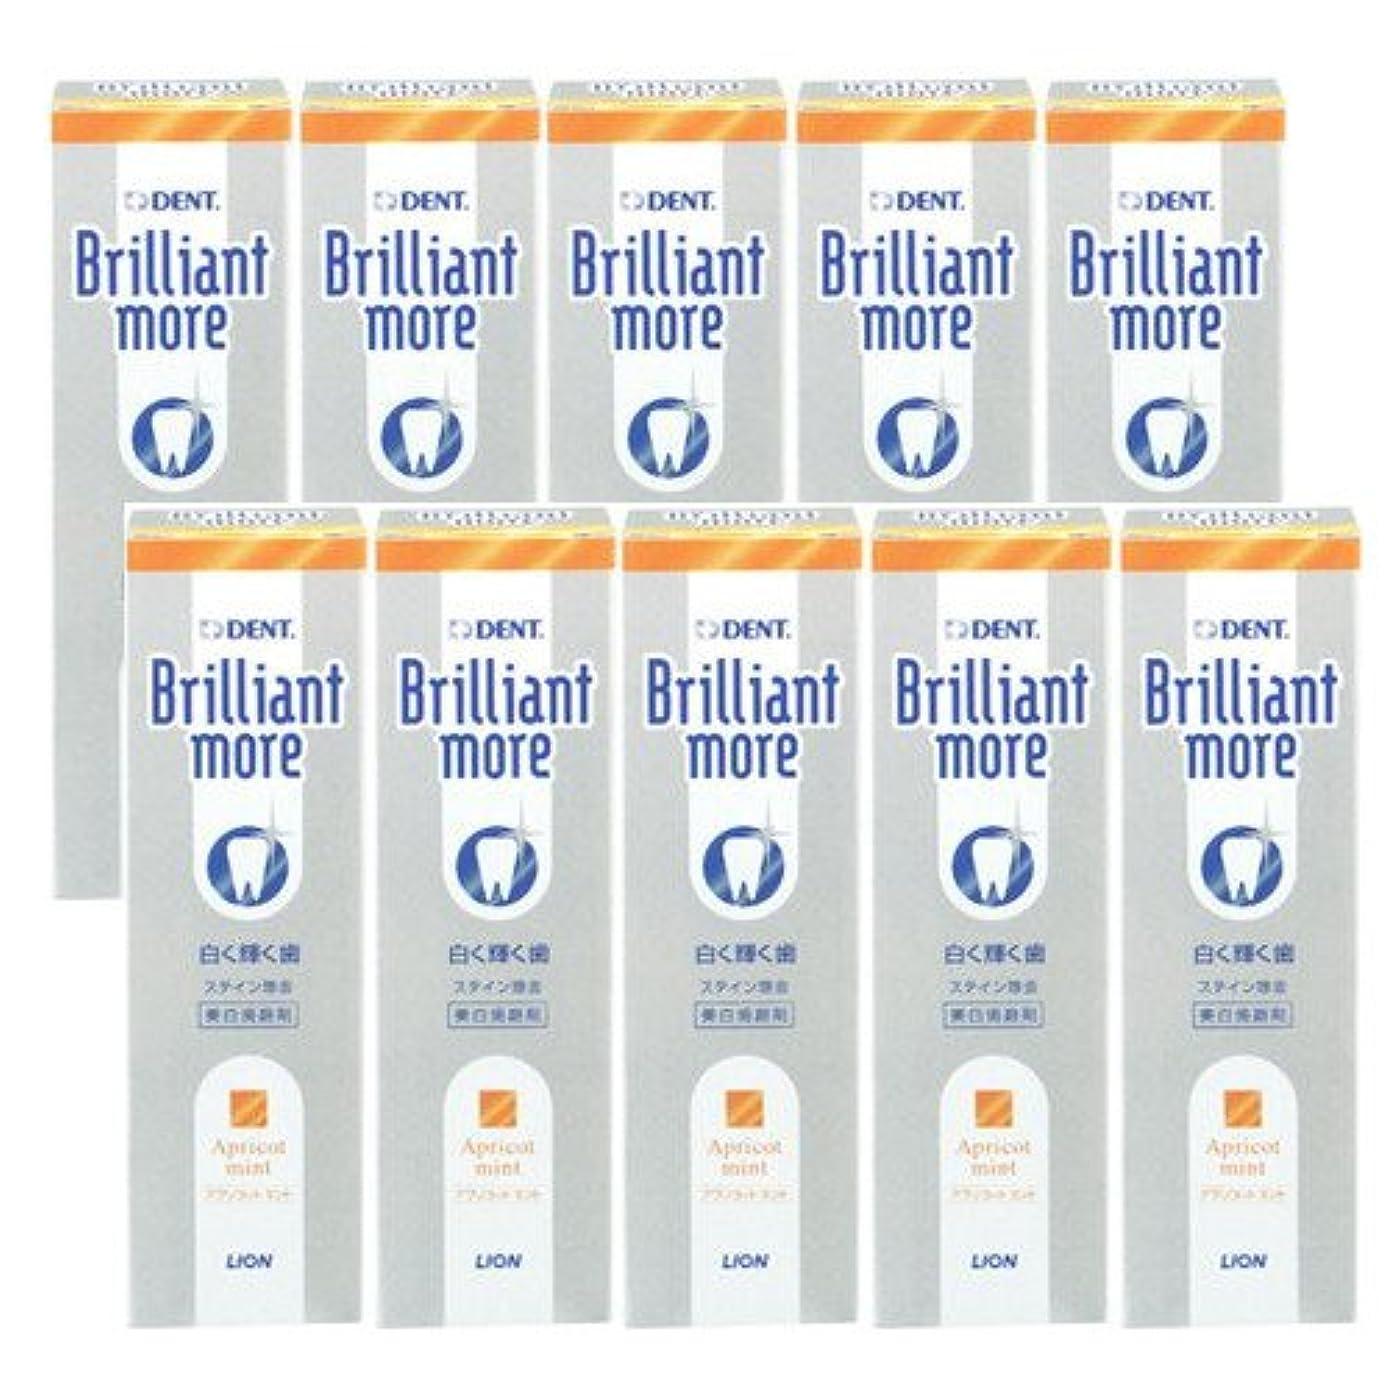 適用するその結果毛皮ライオン ブリリアントモア アプリコットミント 美白歯磨剤 LION Brilliant more 10本セット